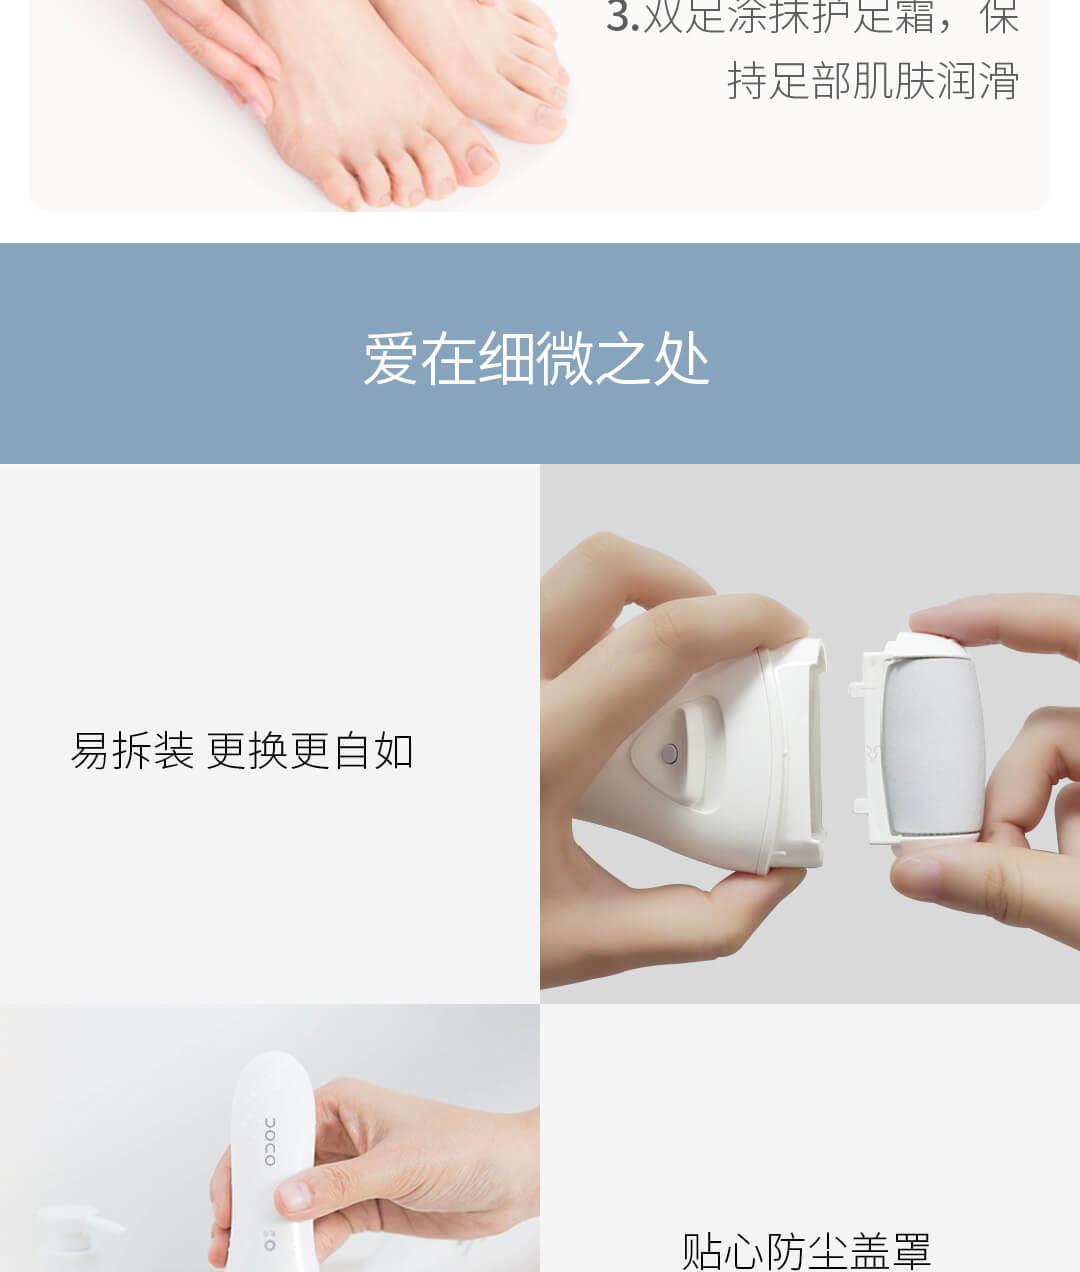 Product_奇妙_DOCO电动修足器